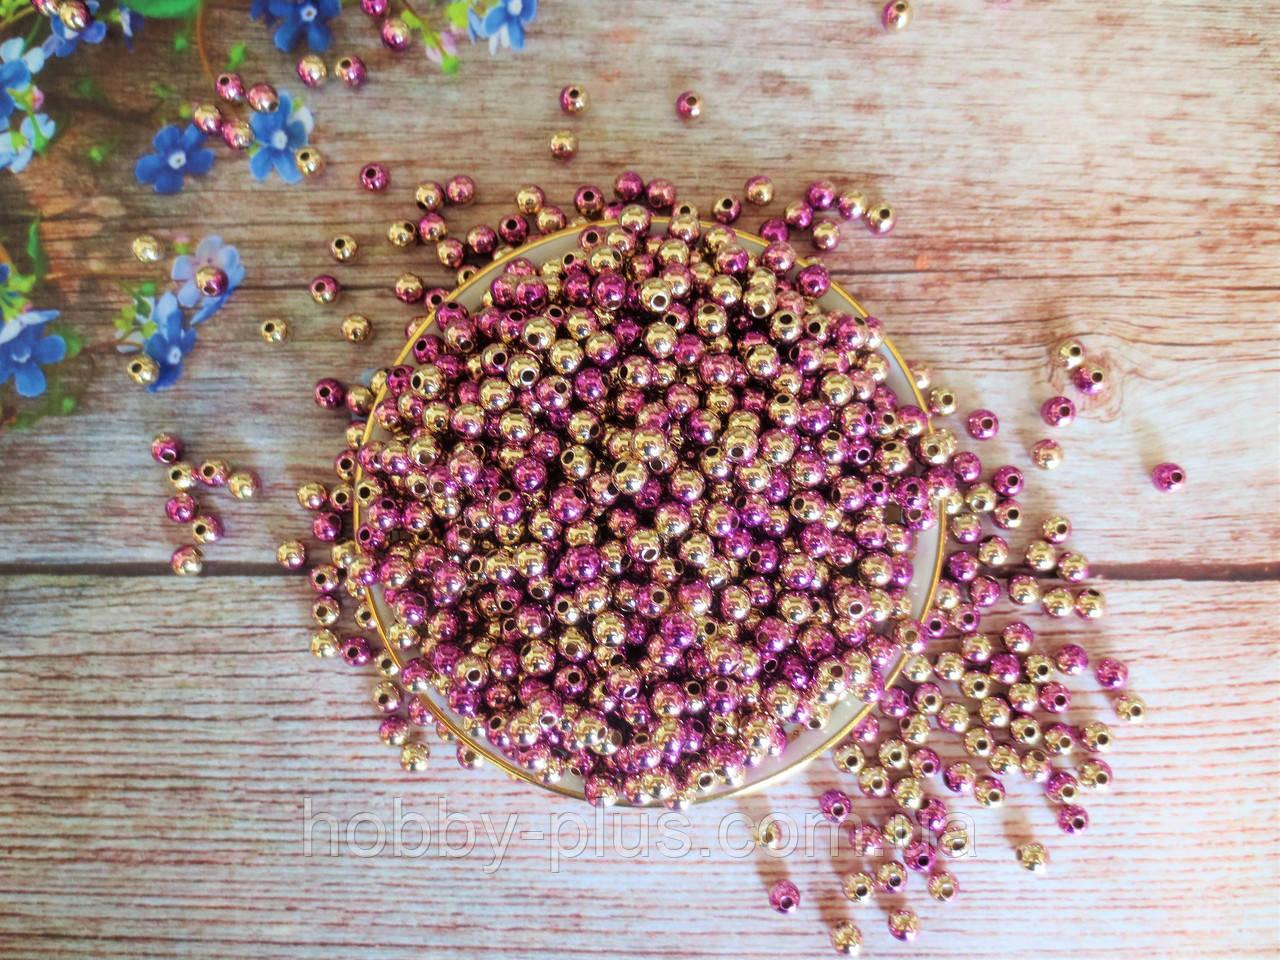 Жемчуг искусственный, 6 мм, цвет градиент малиновый+золото, 10 грамм (~96 шт).